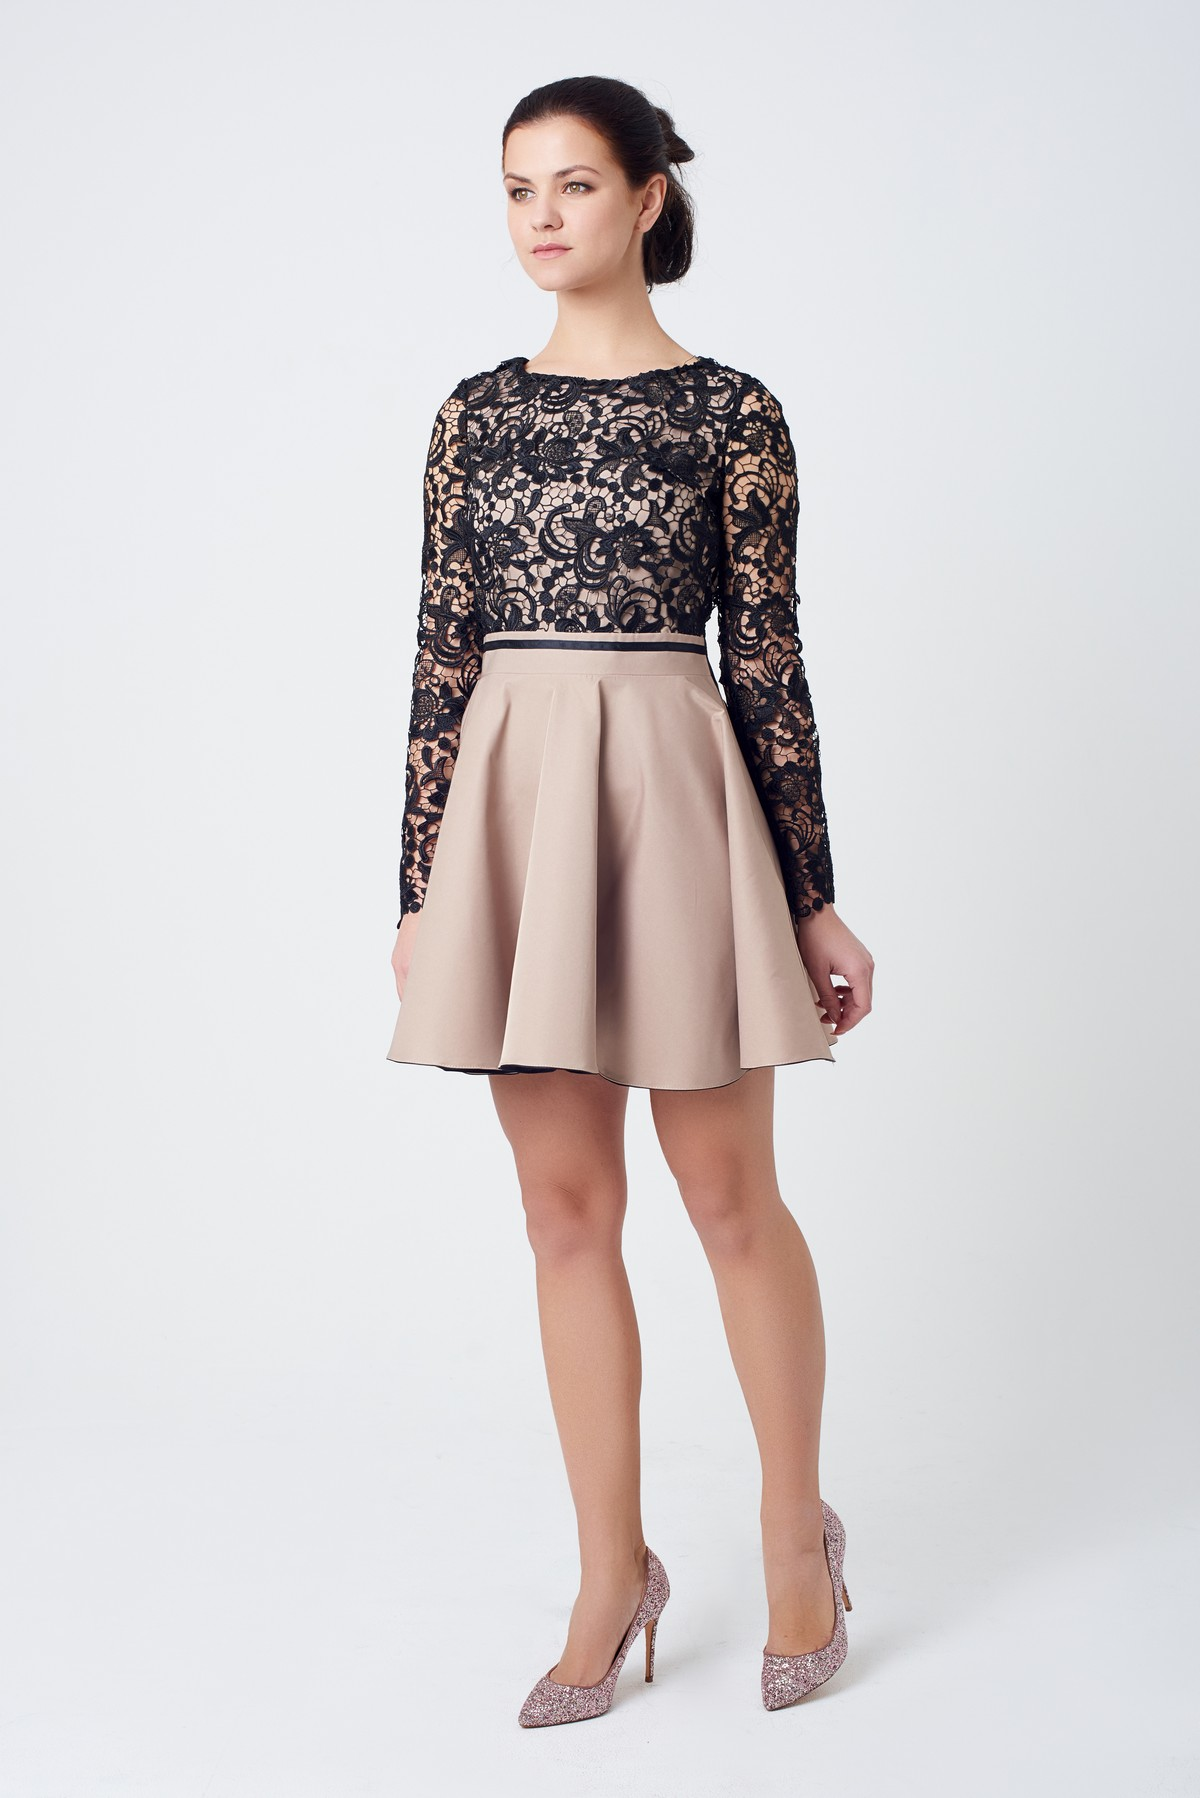 61e4608f3edf5f9 Нарядное платье с гипюром | Купить коктейльное платье за 2 090 грн ...